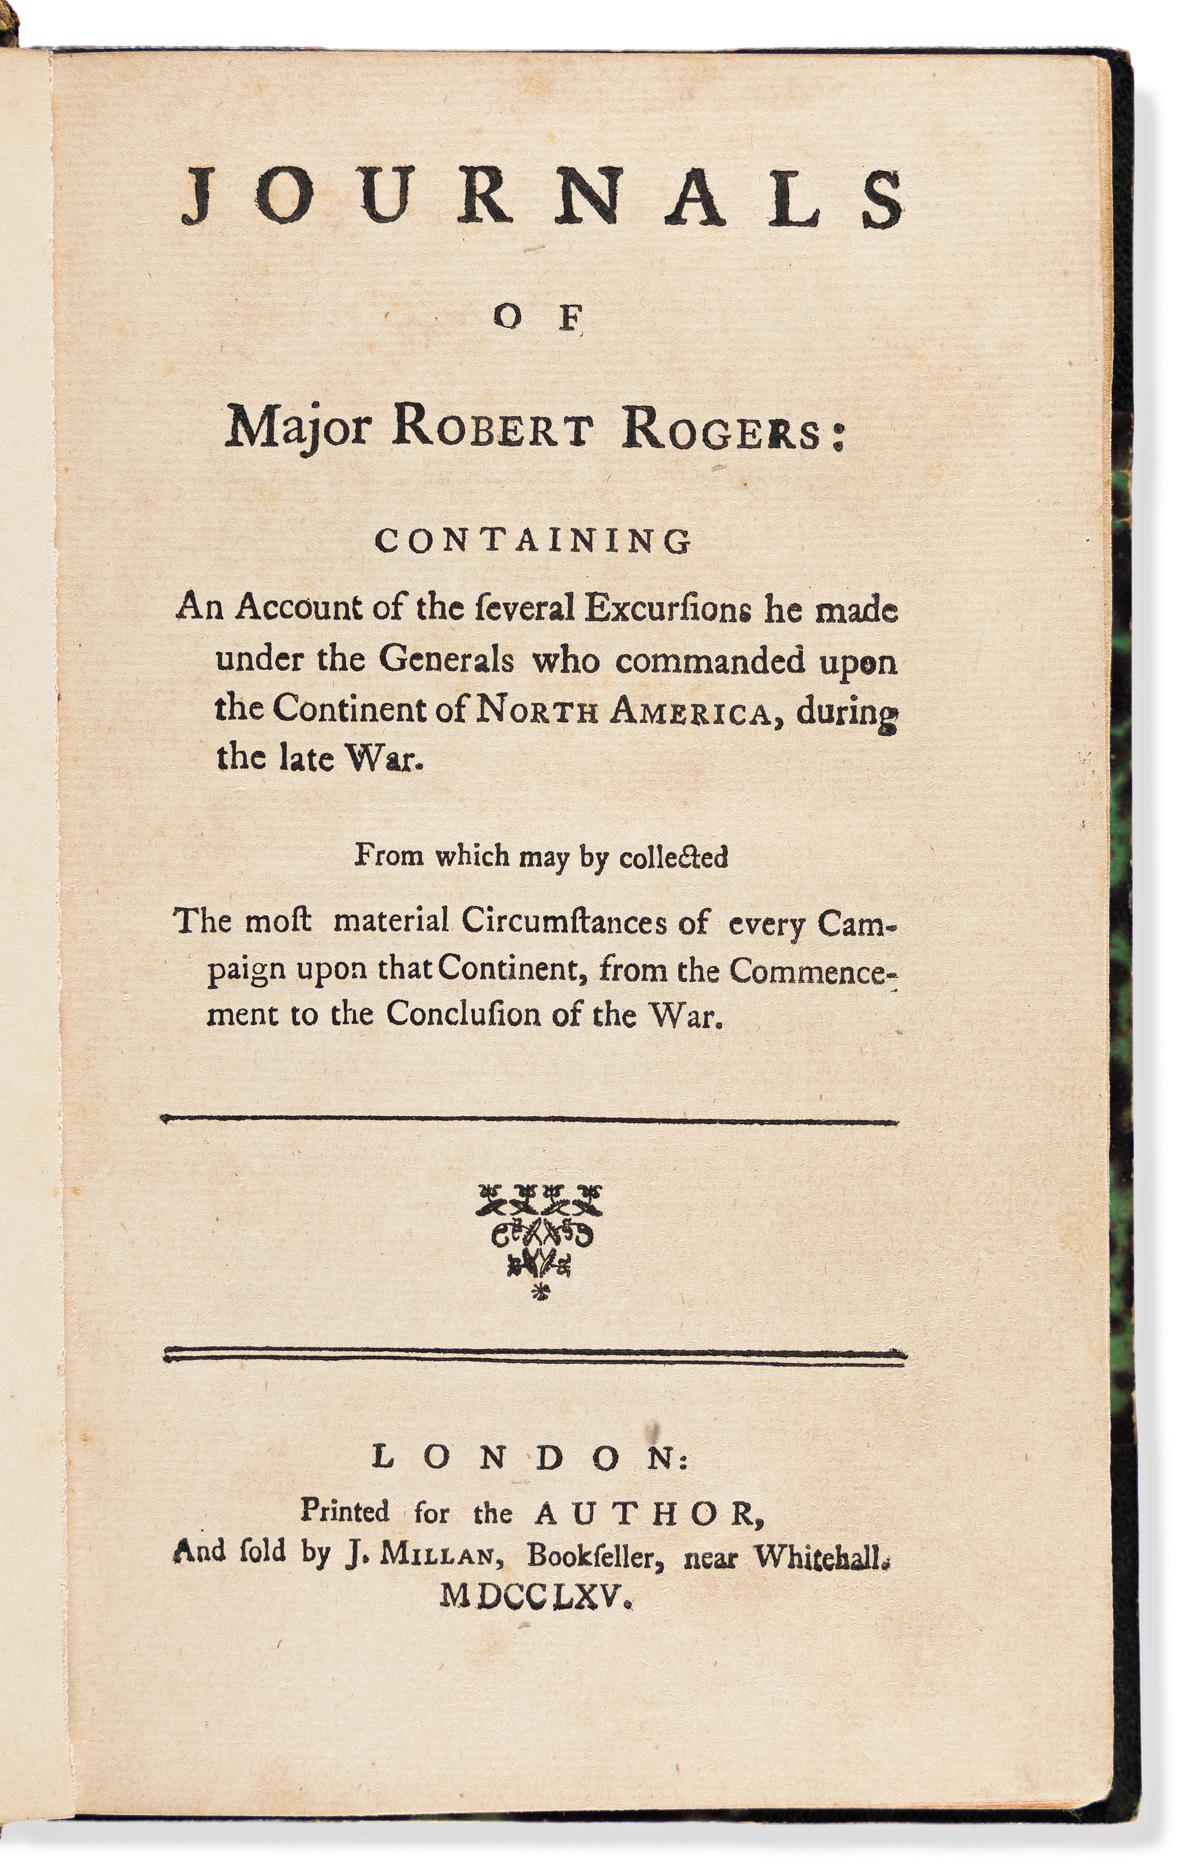 Rogers, Robert, Major (1731-1795) Journals of Major Robert Rogers.